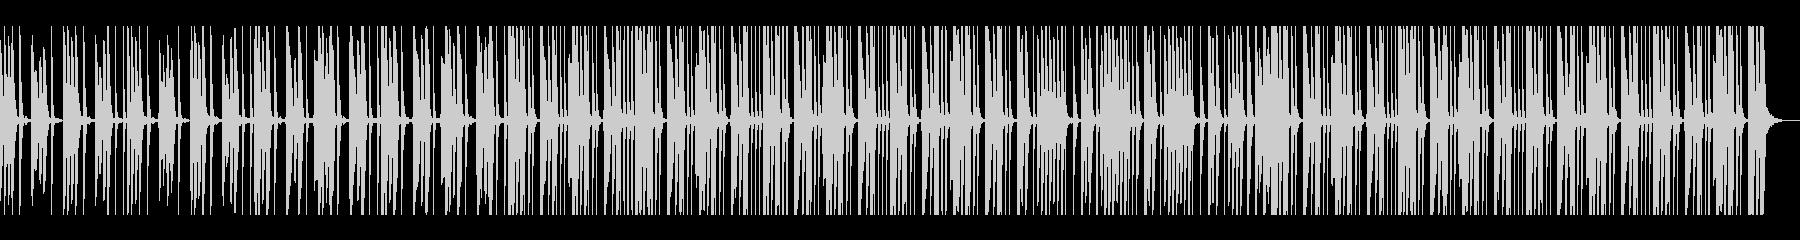 キュートでキャッチーなメルヘンの世界の未再生の波形